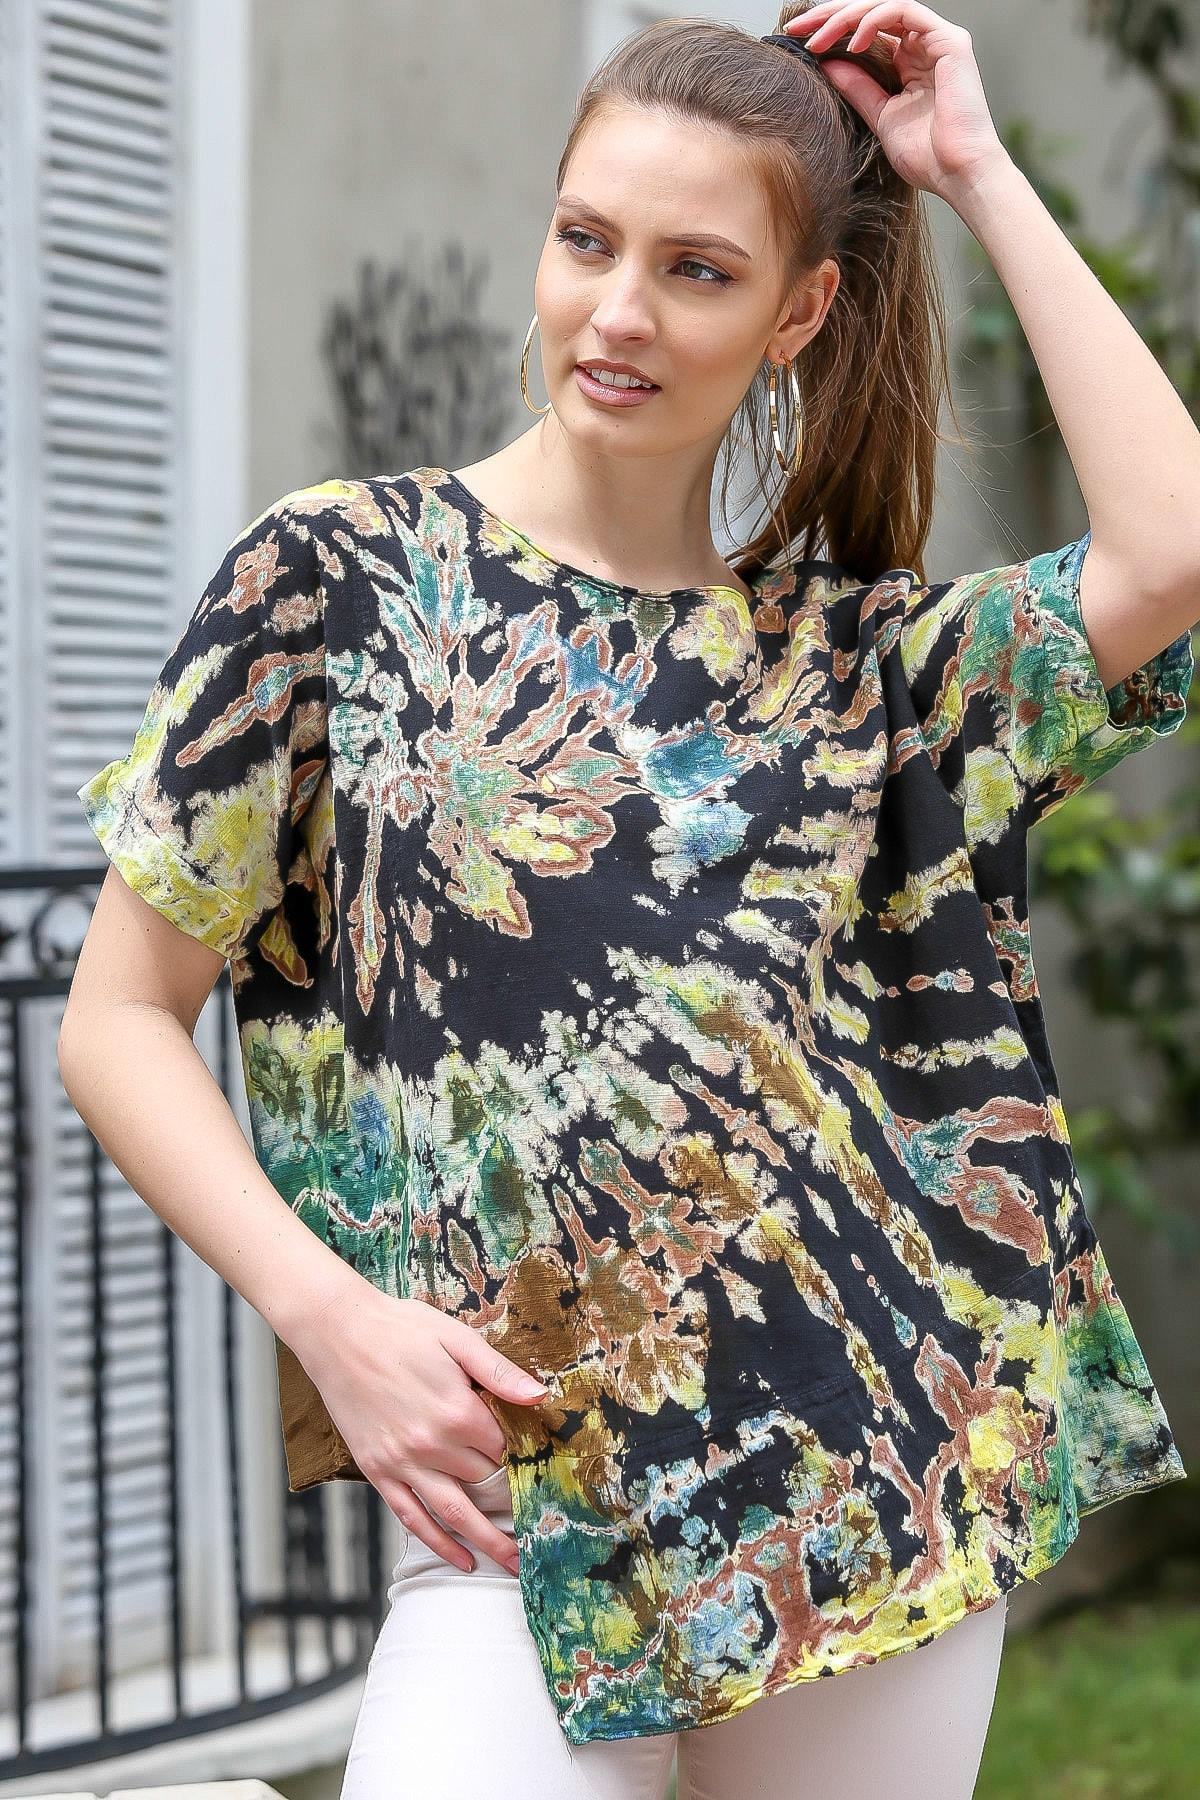 Chiccy Kadın Siyah-Bej Sıfır Yaka Batik Desenli Dokuma Salaş Bluz M10010200BL95416 0